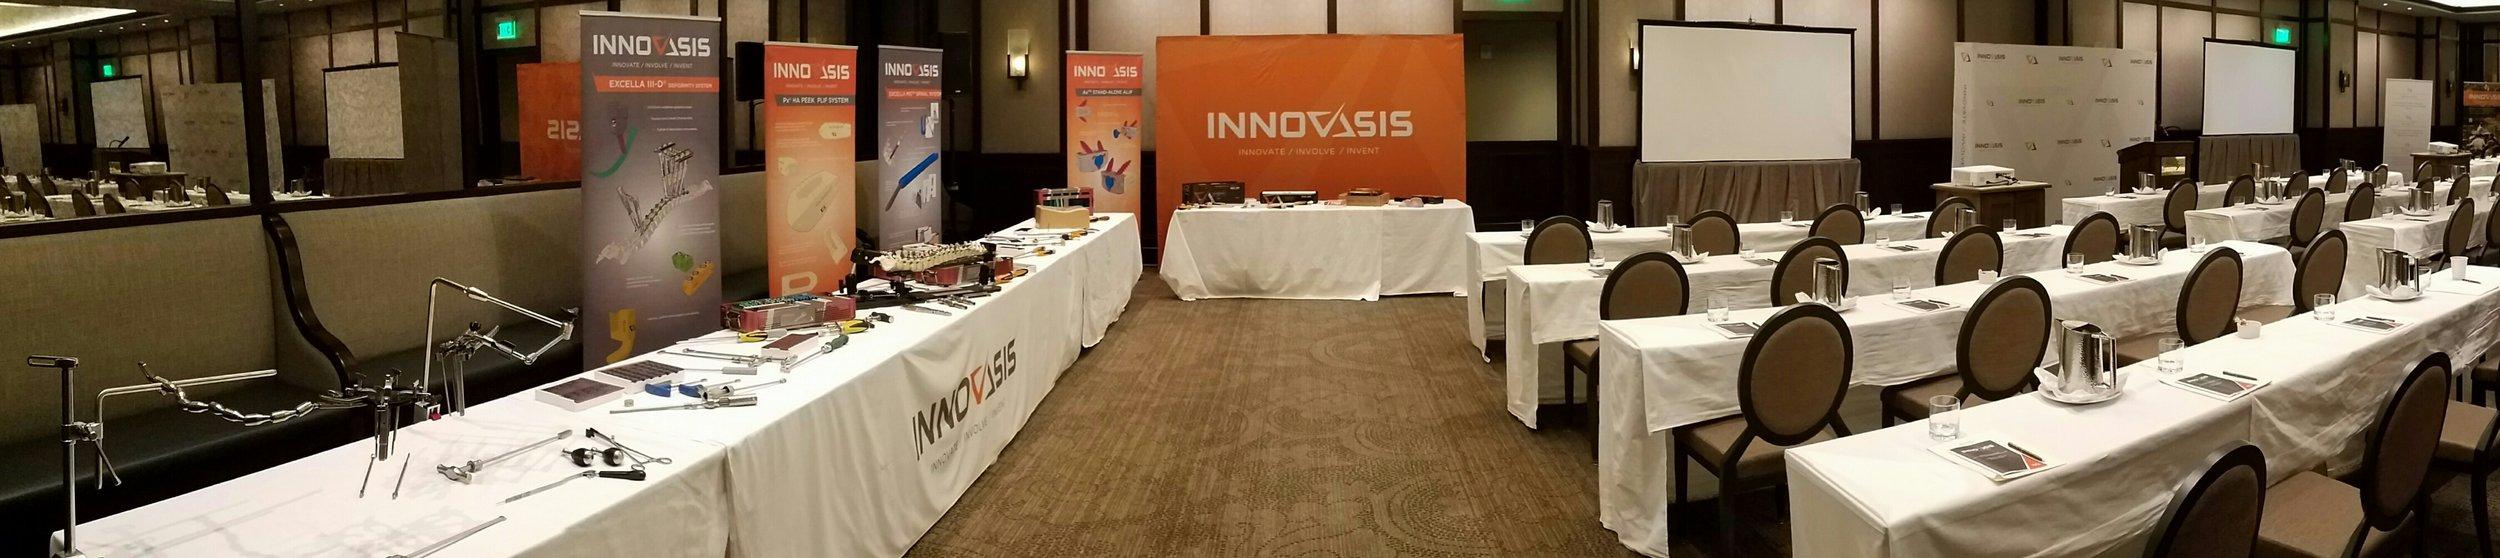 Innovasis meeting space.